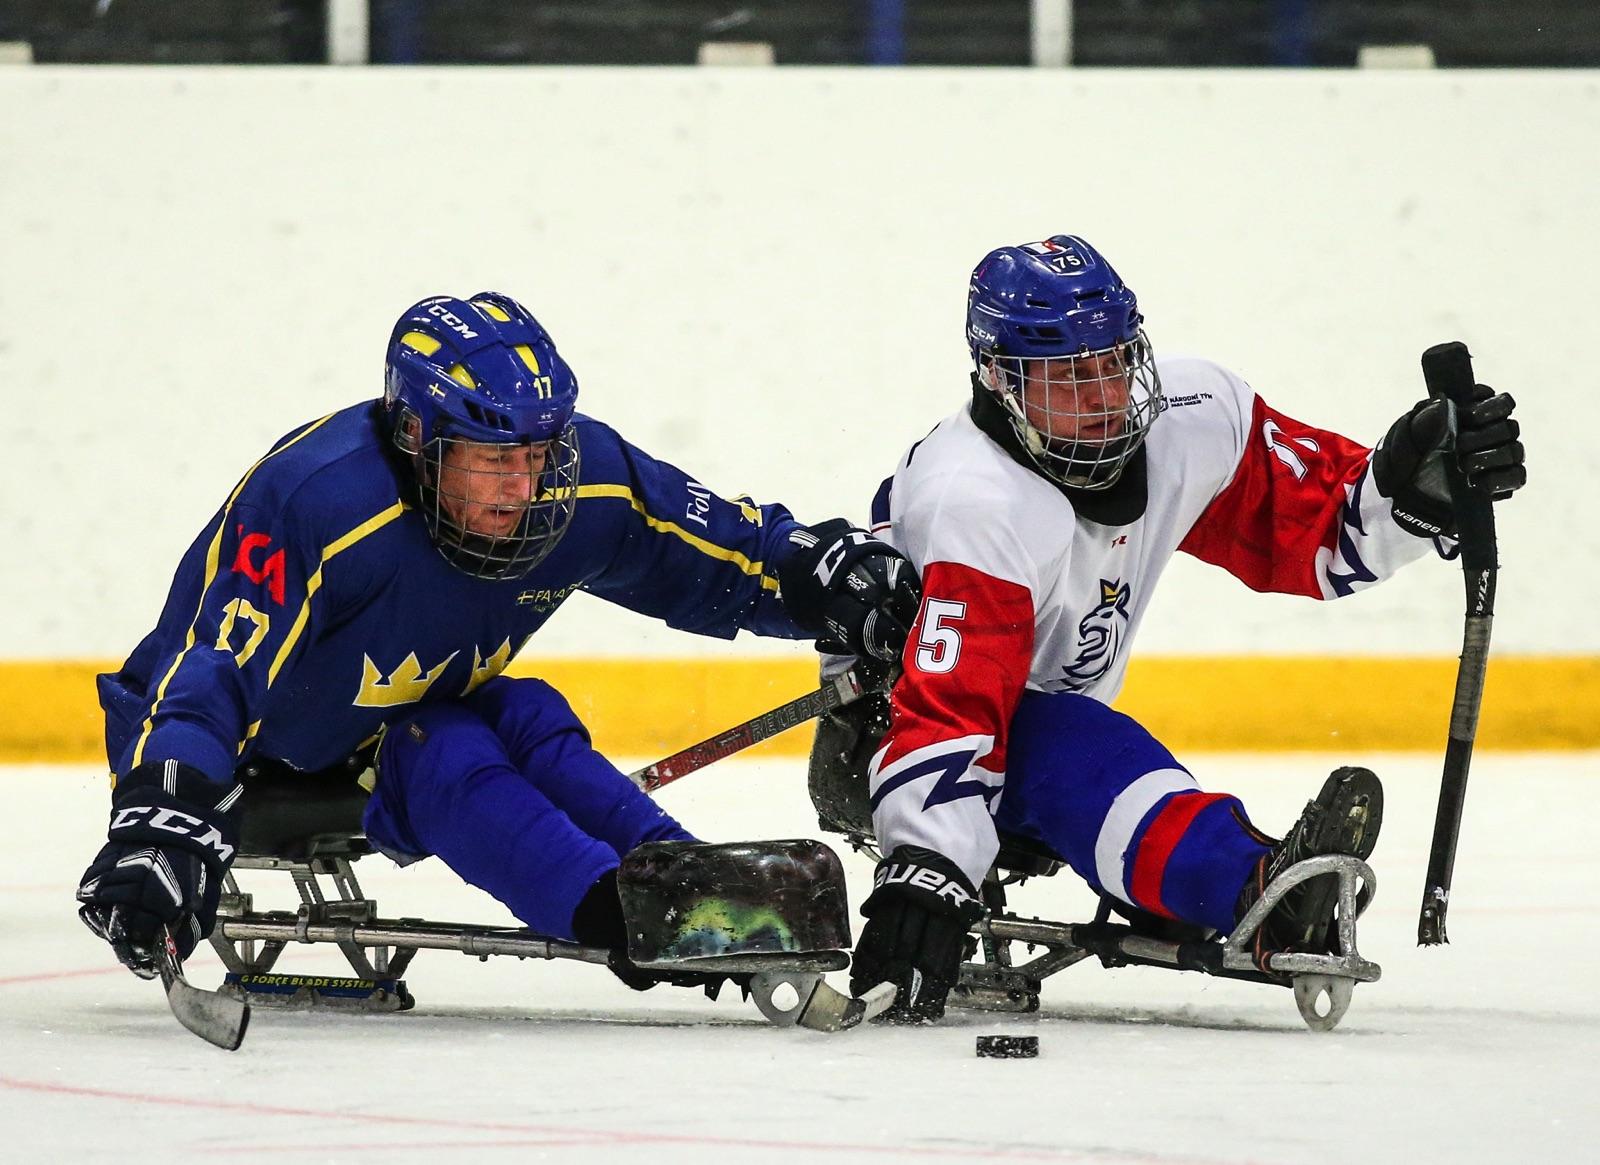 Paraishockey.